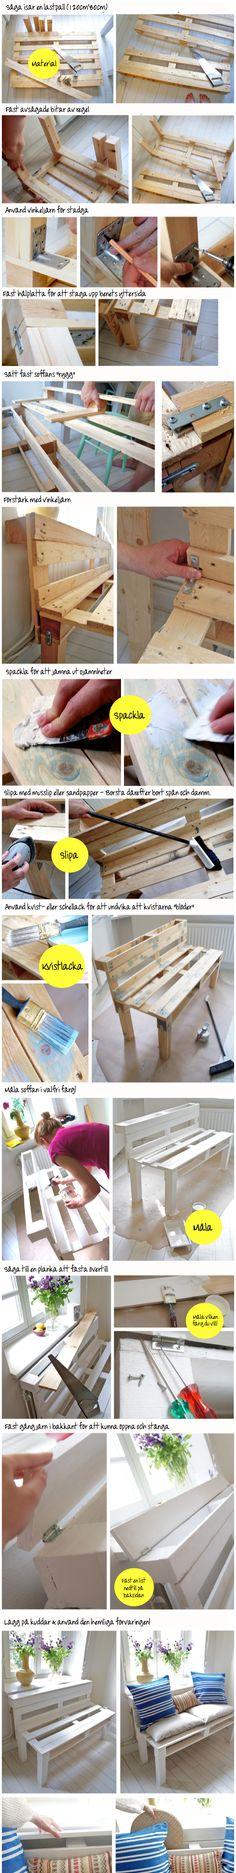 Bygg en kökssoffa av en lastpall (how to make a pallet sofa) - Byggtips från #Byggmax